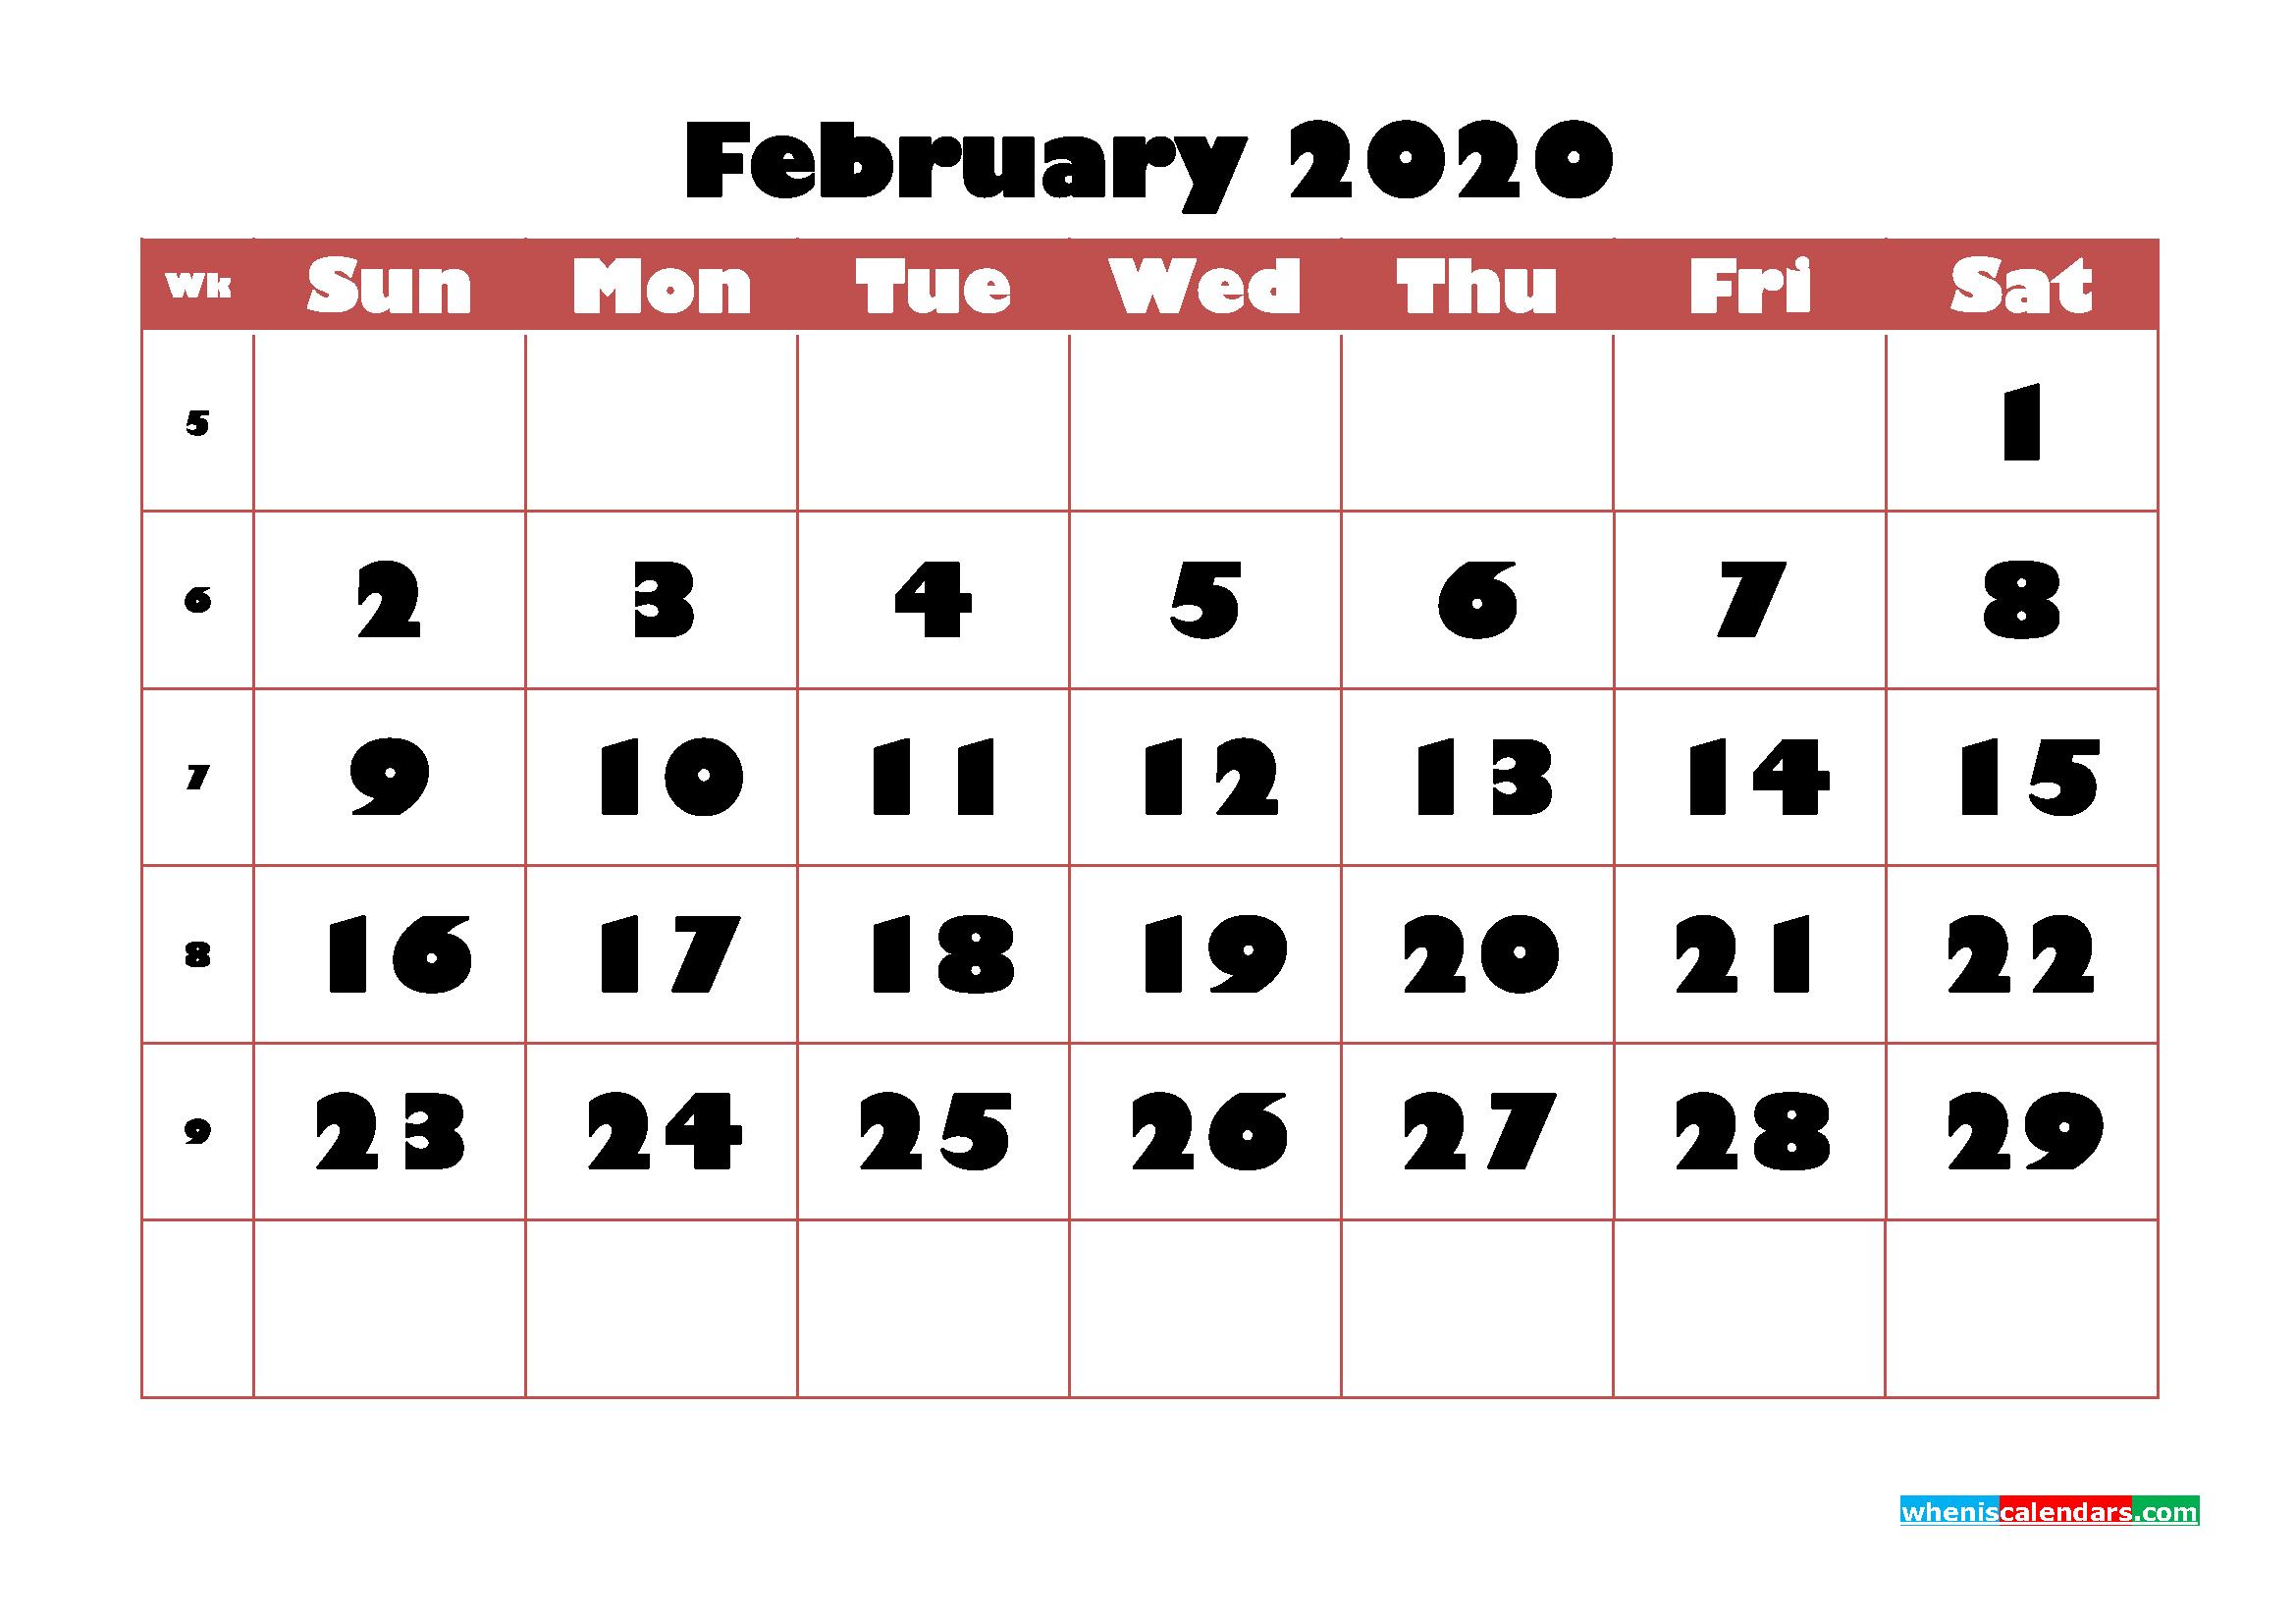 Free Printable Calendar February 2020 PDF, Word - No.m20b722